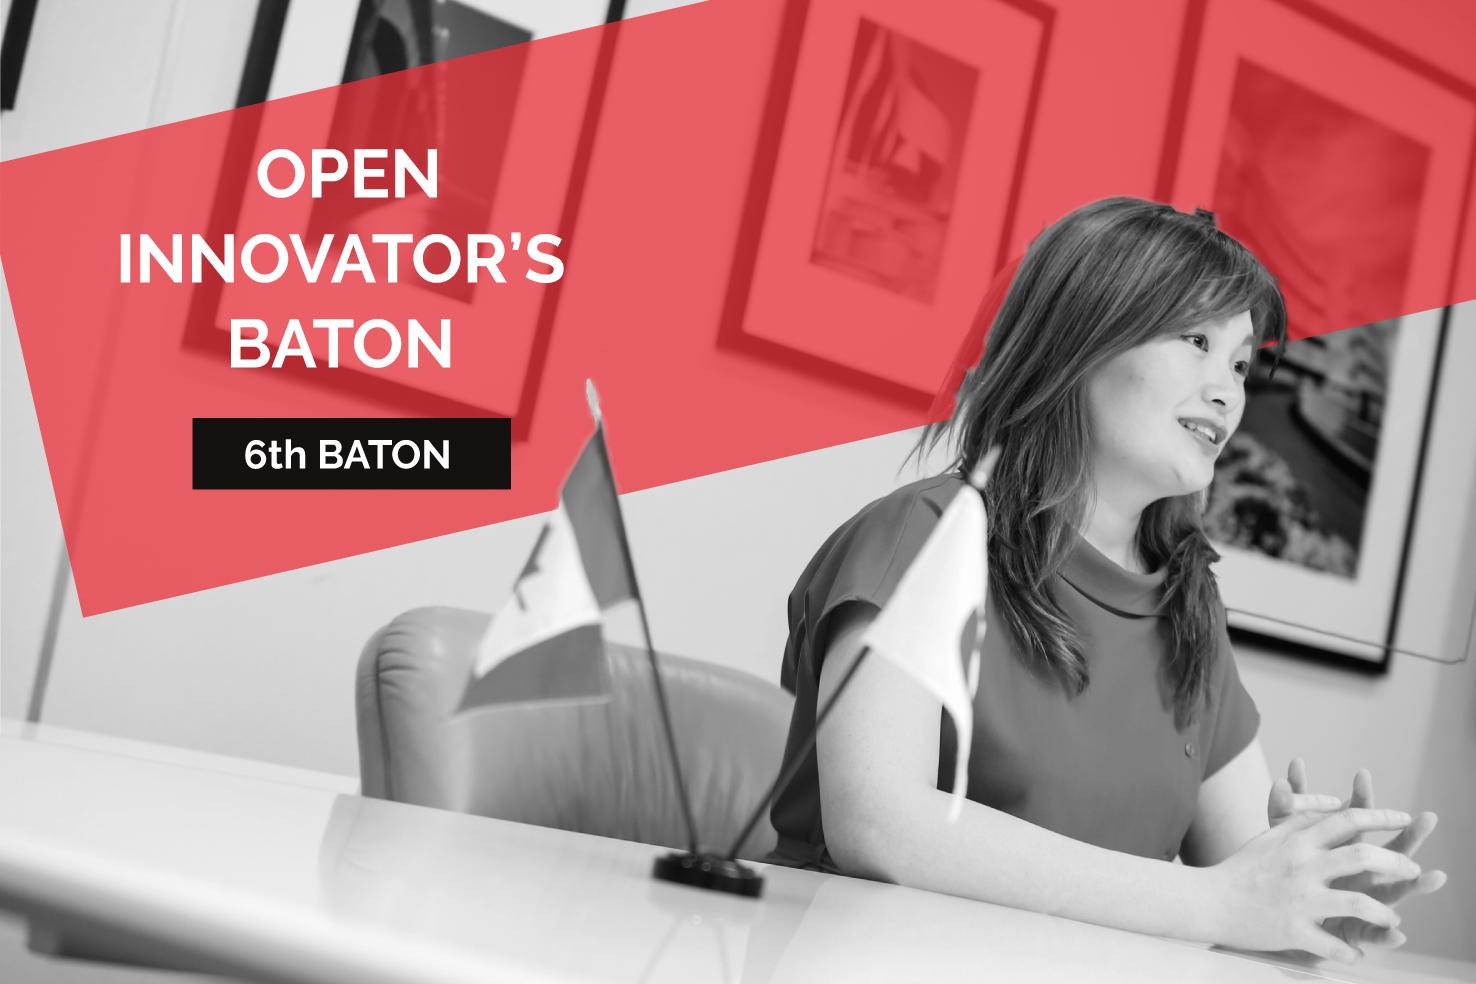 オープンイノベーターズバトン VOL.6 | カナダ大使館 ロウェナ・コウ